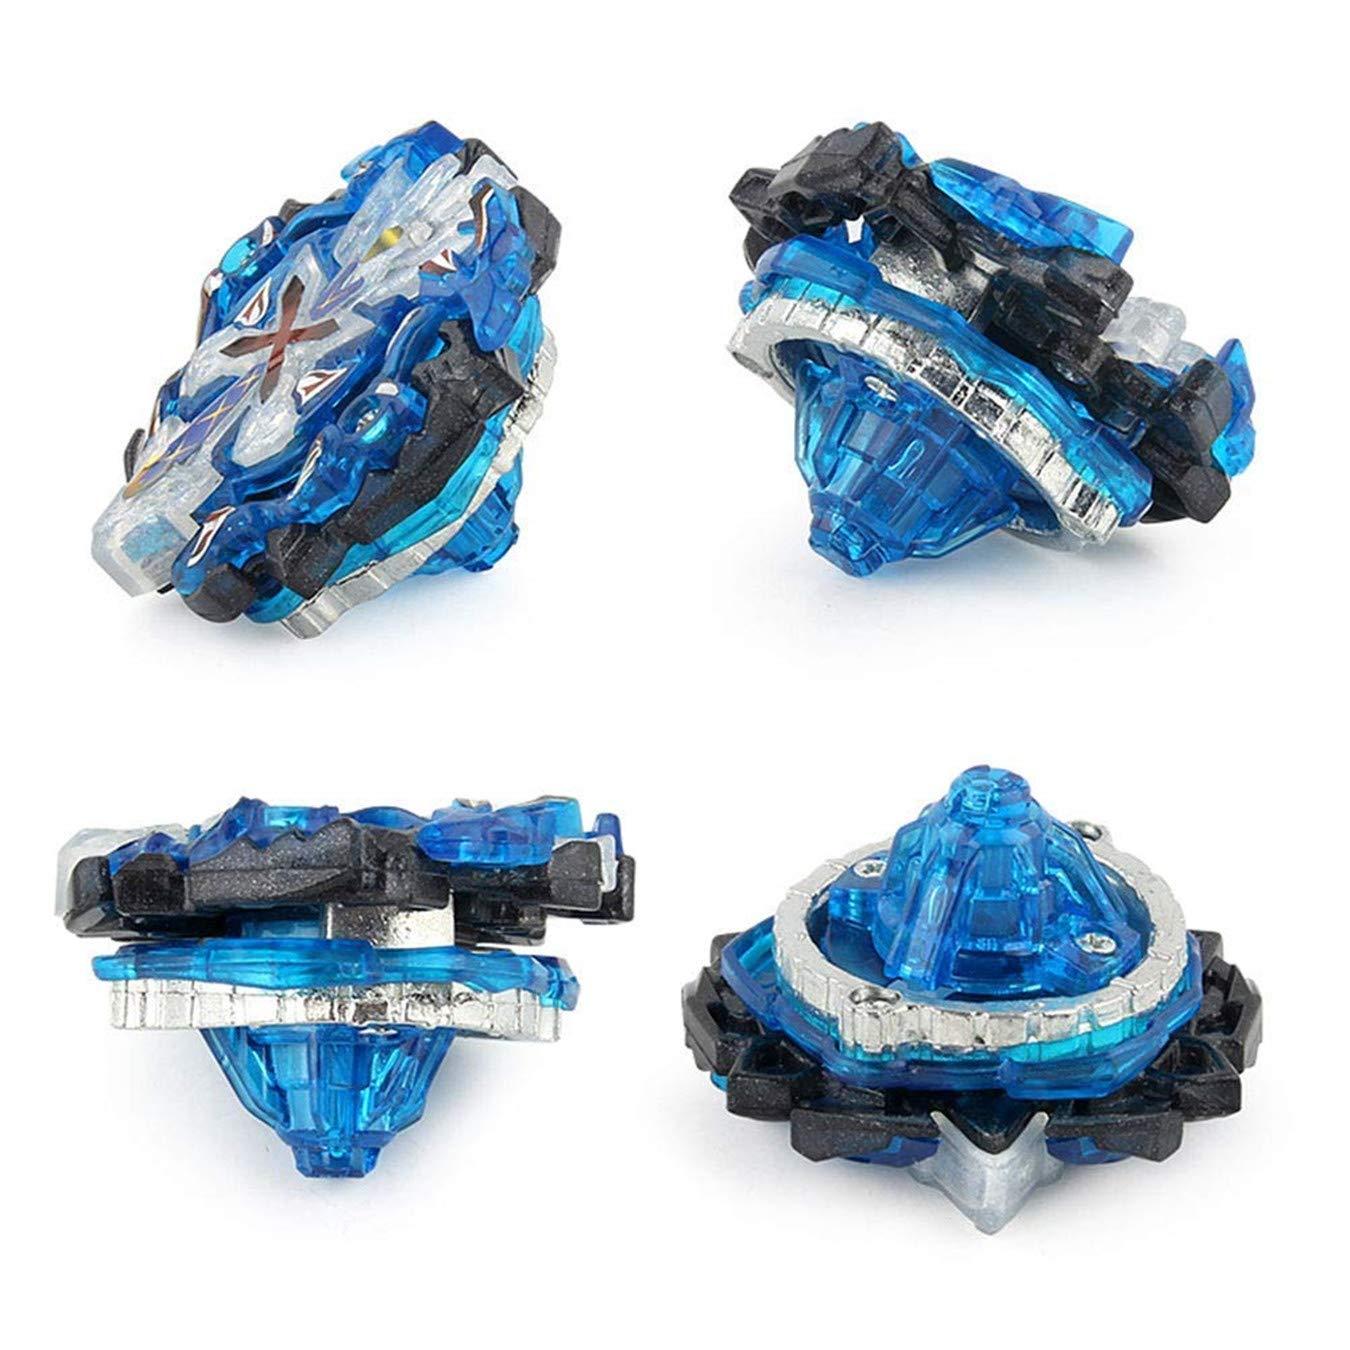 B-00 Queque Shine Set de Beyblade Lutte Ma/îtres Fusion Spinning Top Toupie Gyro M/étal Rapidit/é Jouet et Cadeaux Int/éressant pour Enfants